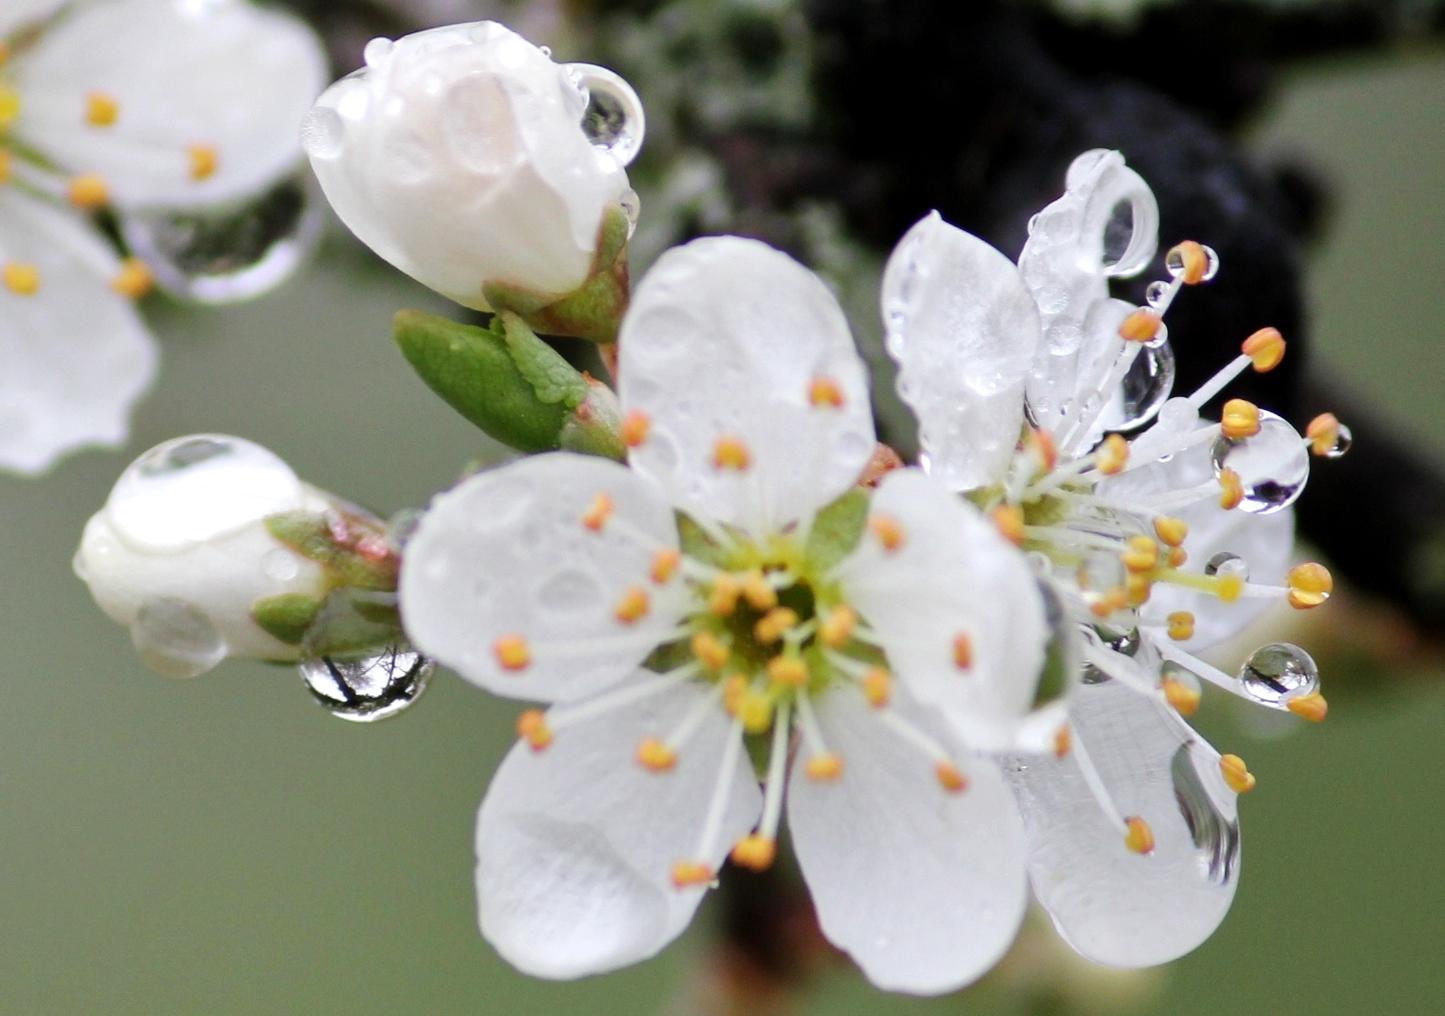 die ersten zarten Blüten